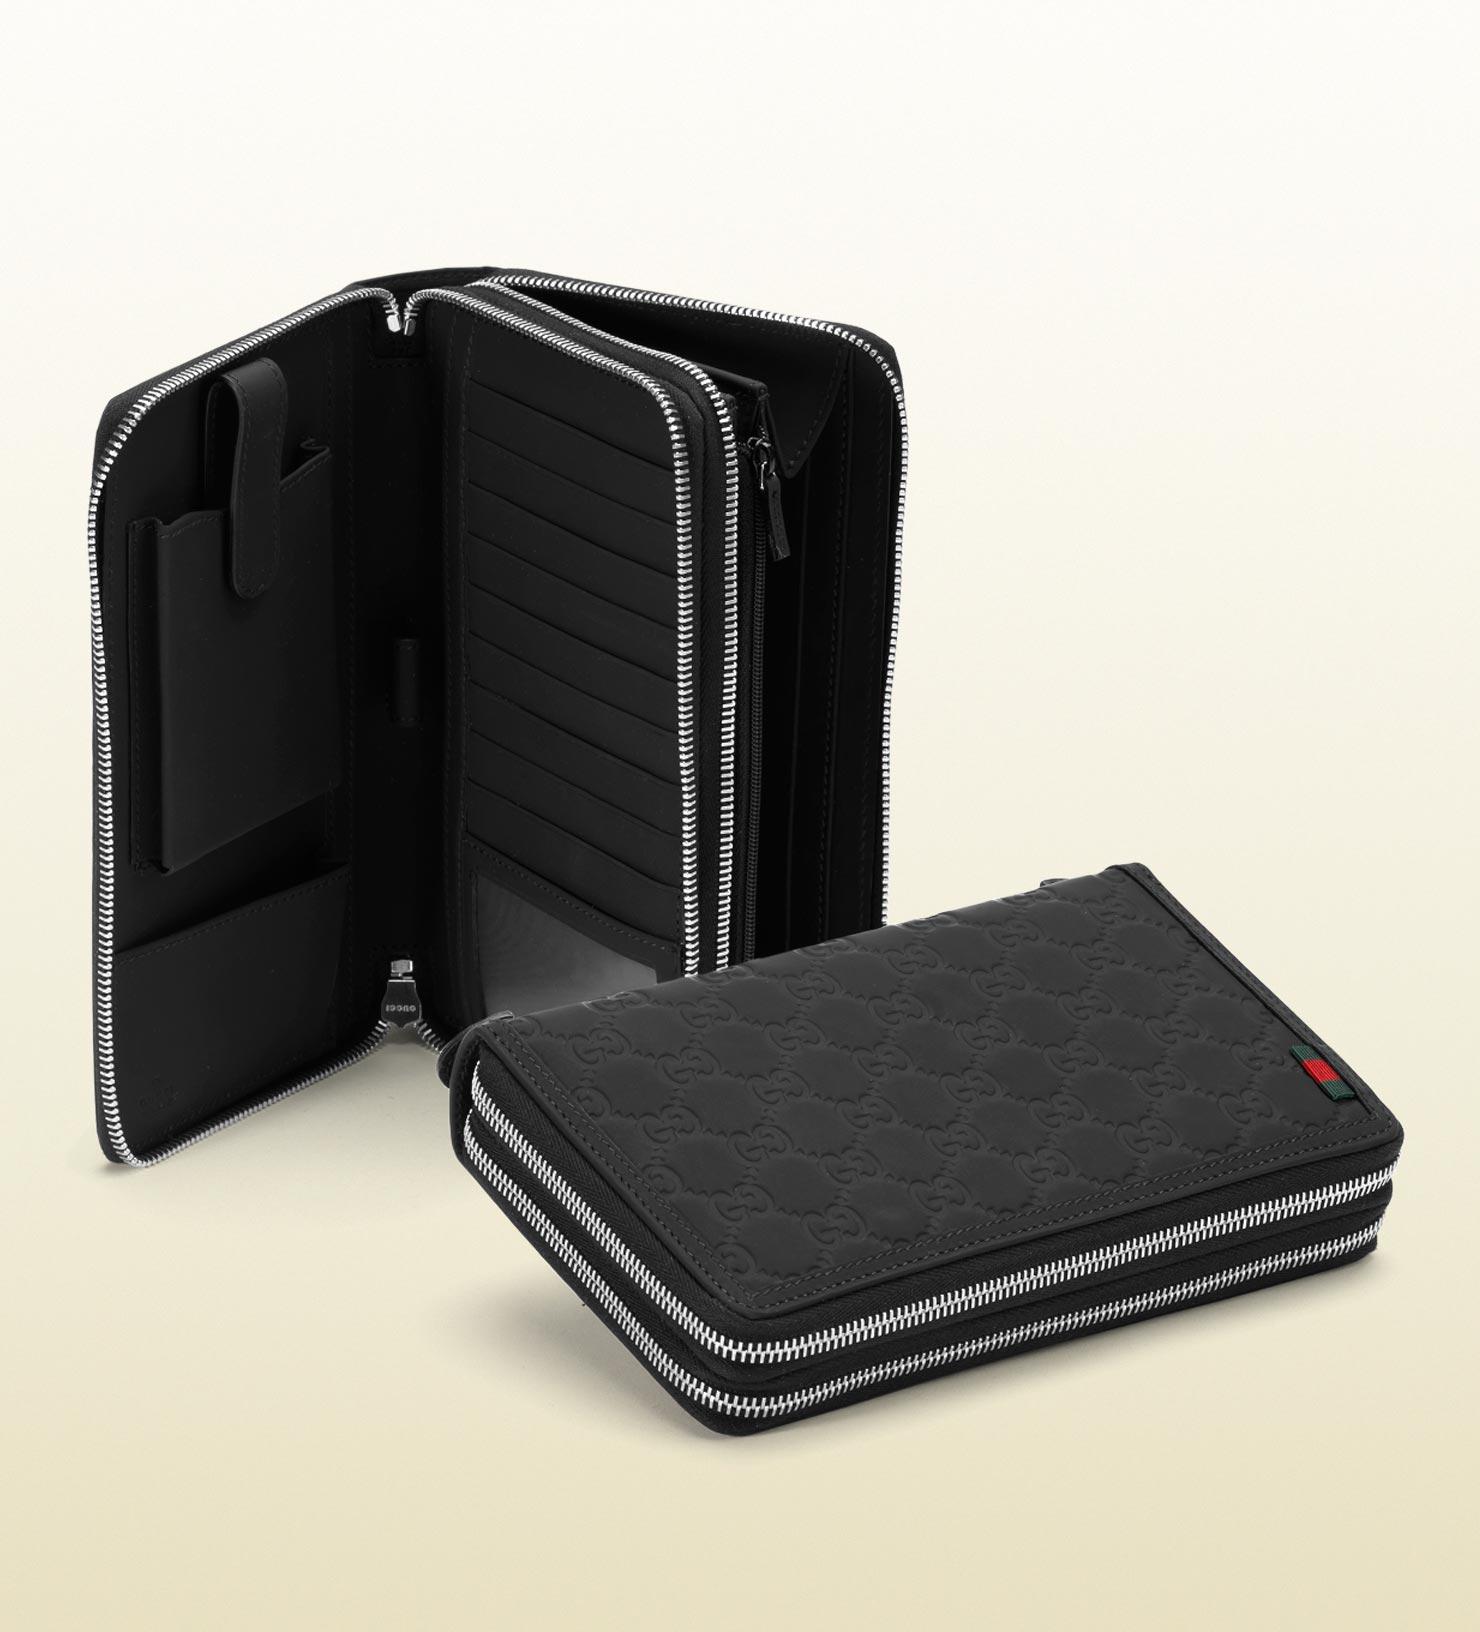 23bc6568add51 GUCCI GG Supreme Monogram Travel Document Case Black 223047. Gucci Black  Rubber Ssima Leather Travel Document Case in Black for Men